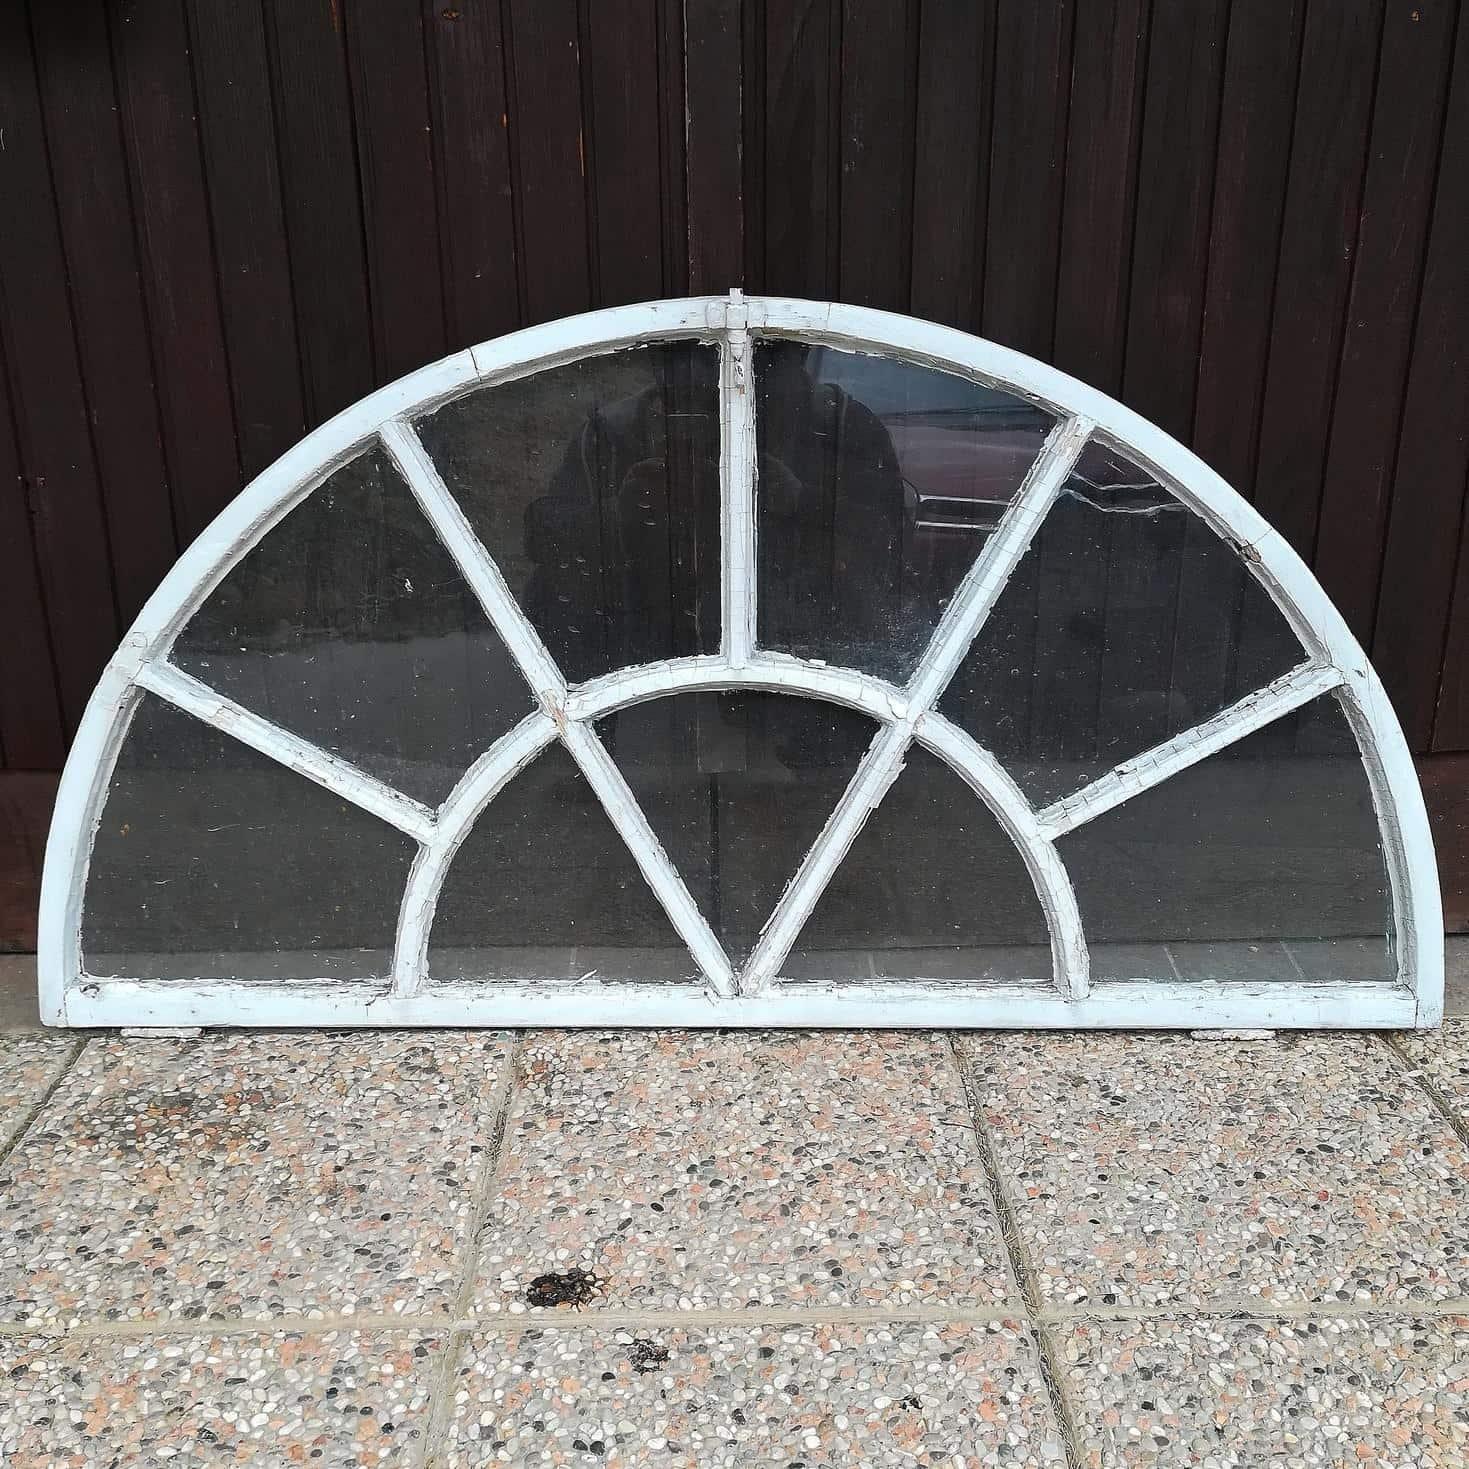 Half-round windows